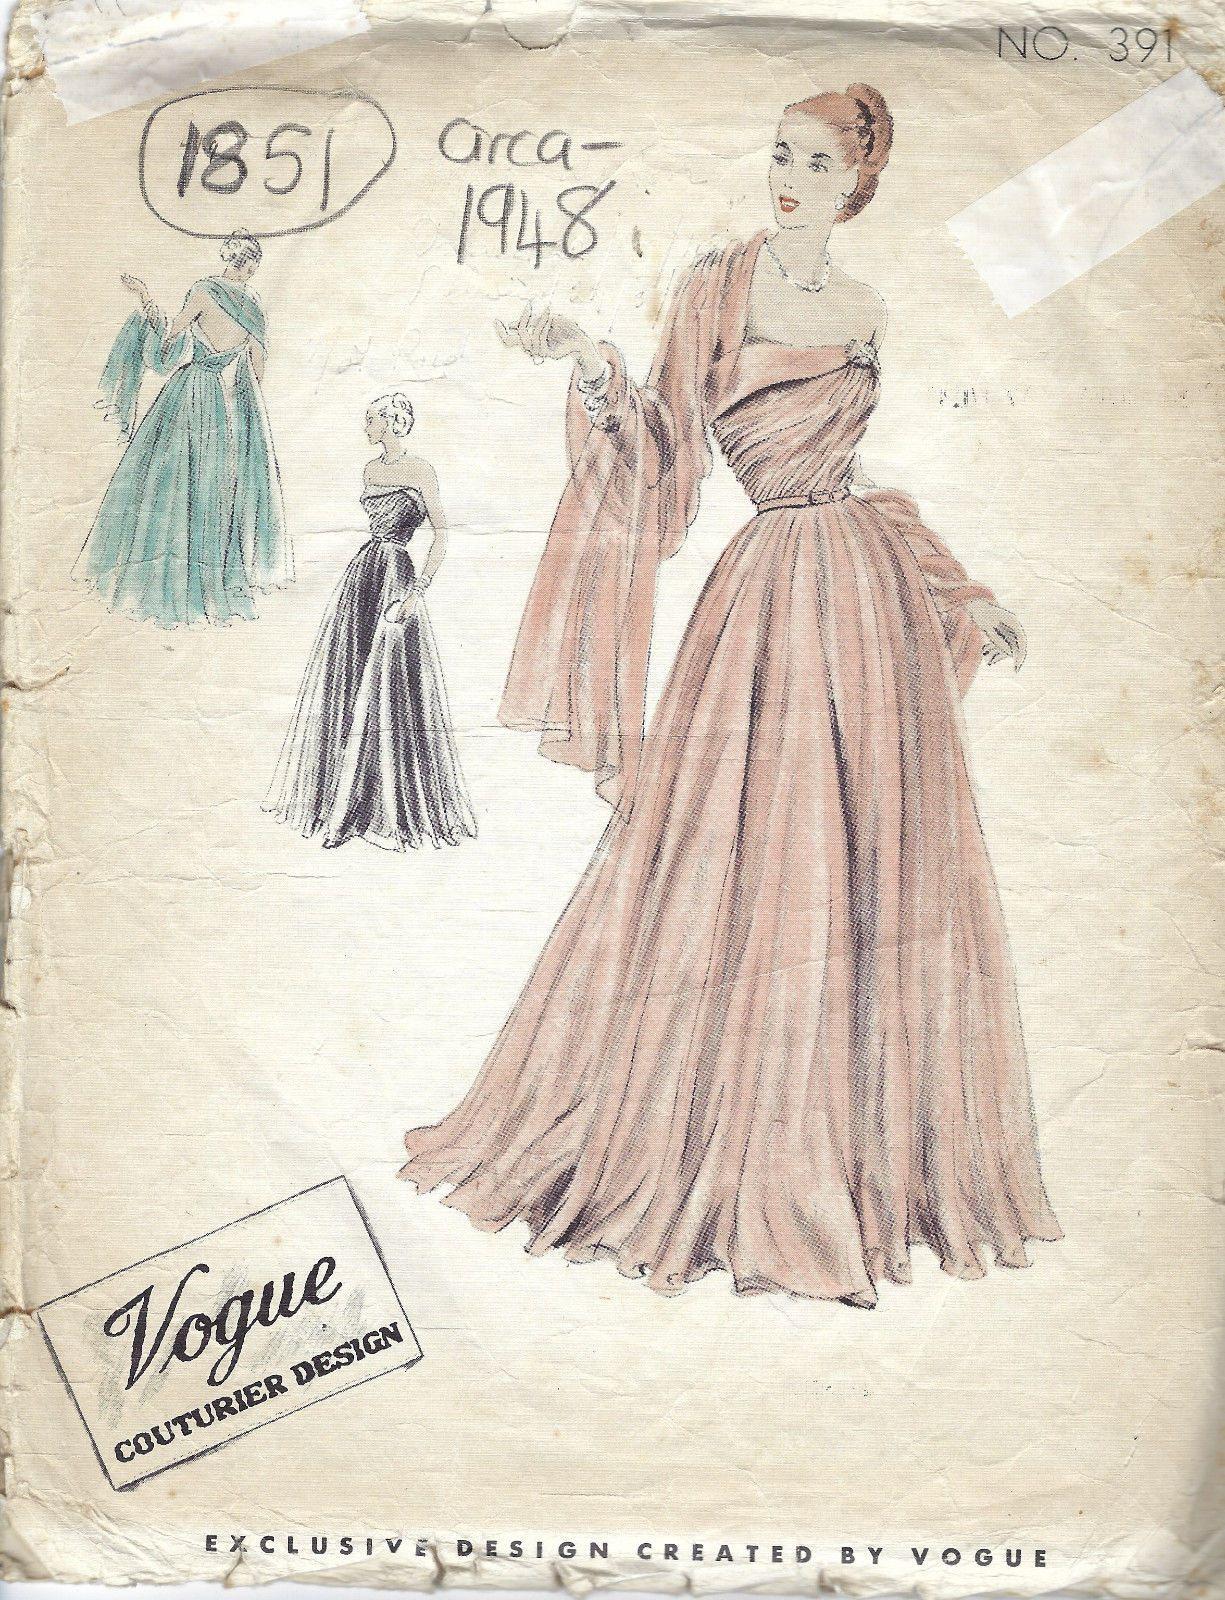 10 Perfekt Abendkleid In Englisch VertriebFormal Ausgezeichnet Abendkleid In Englisch Stylish